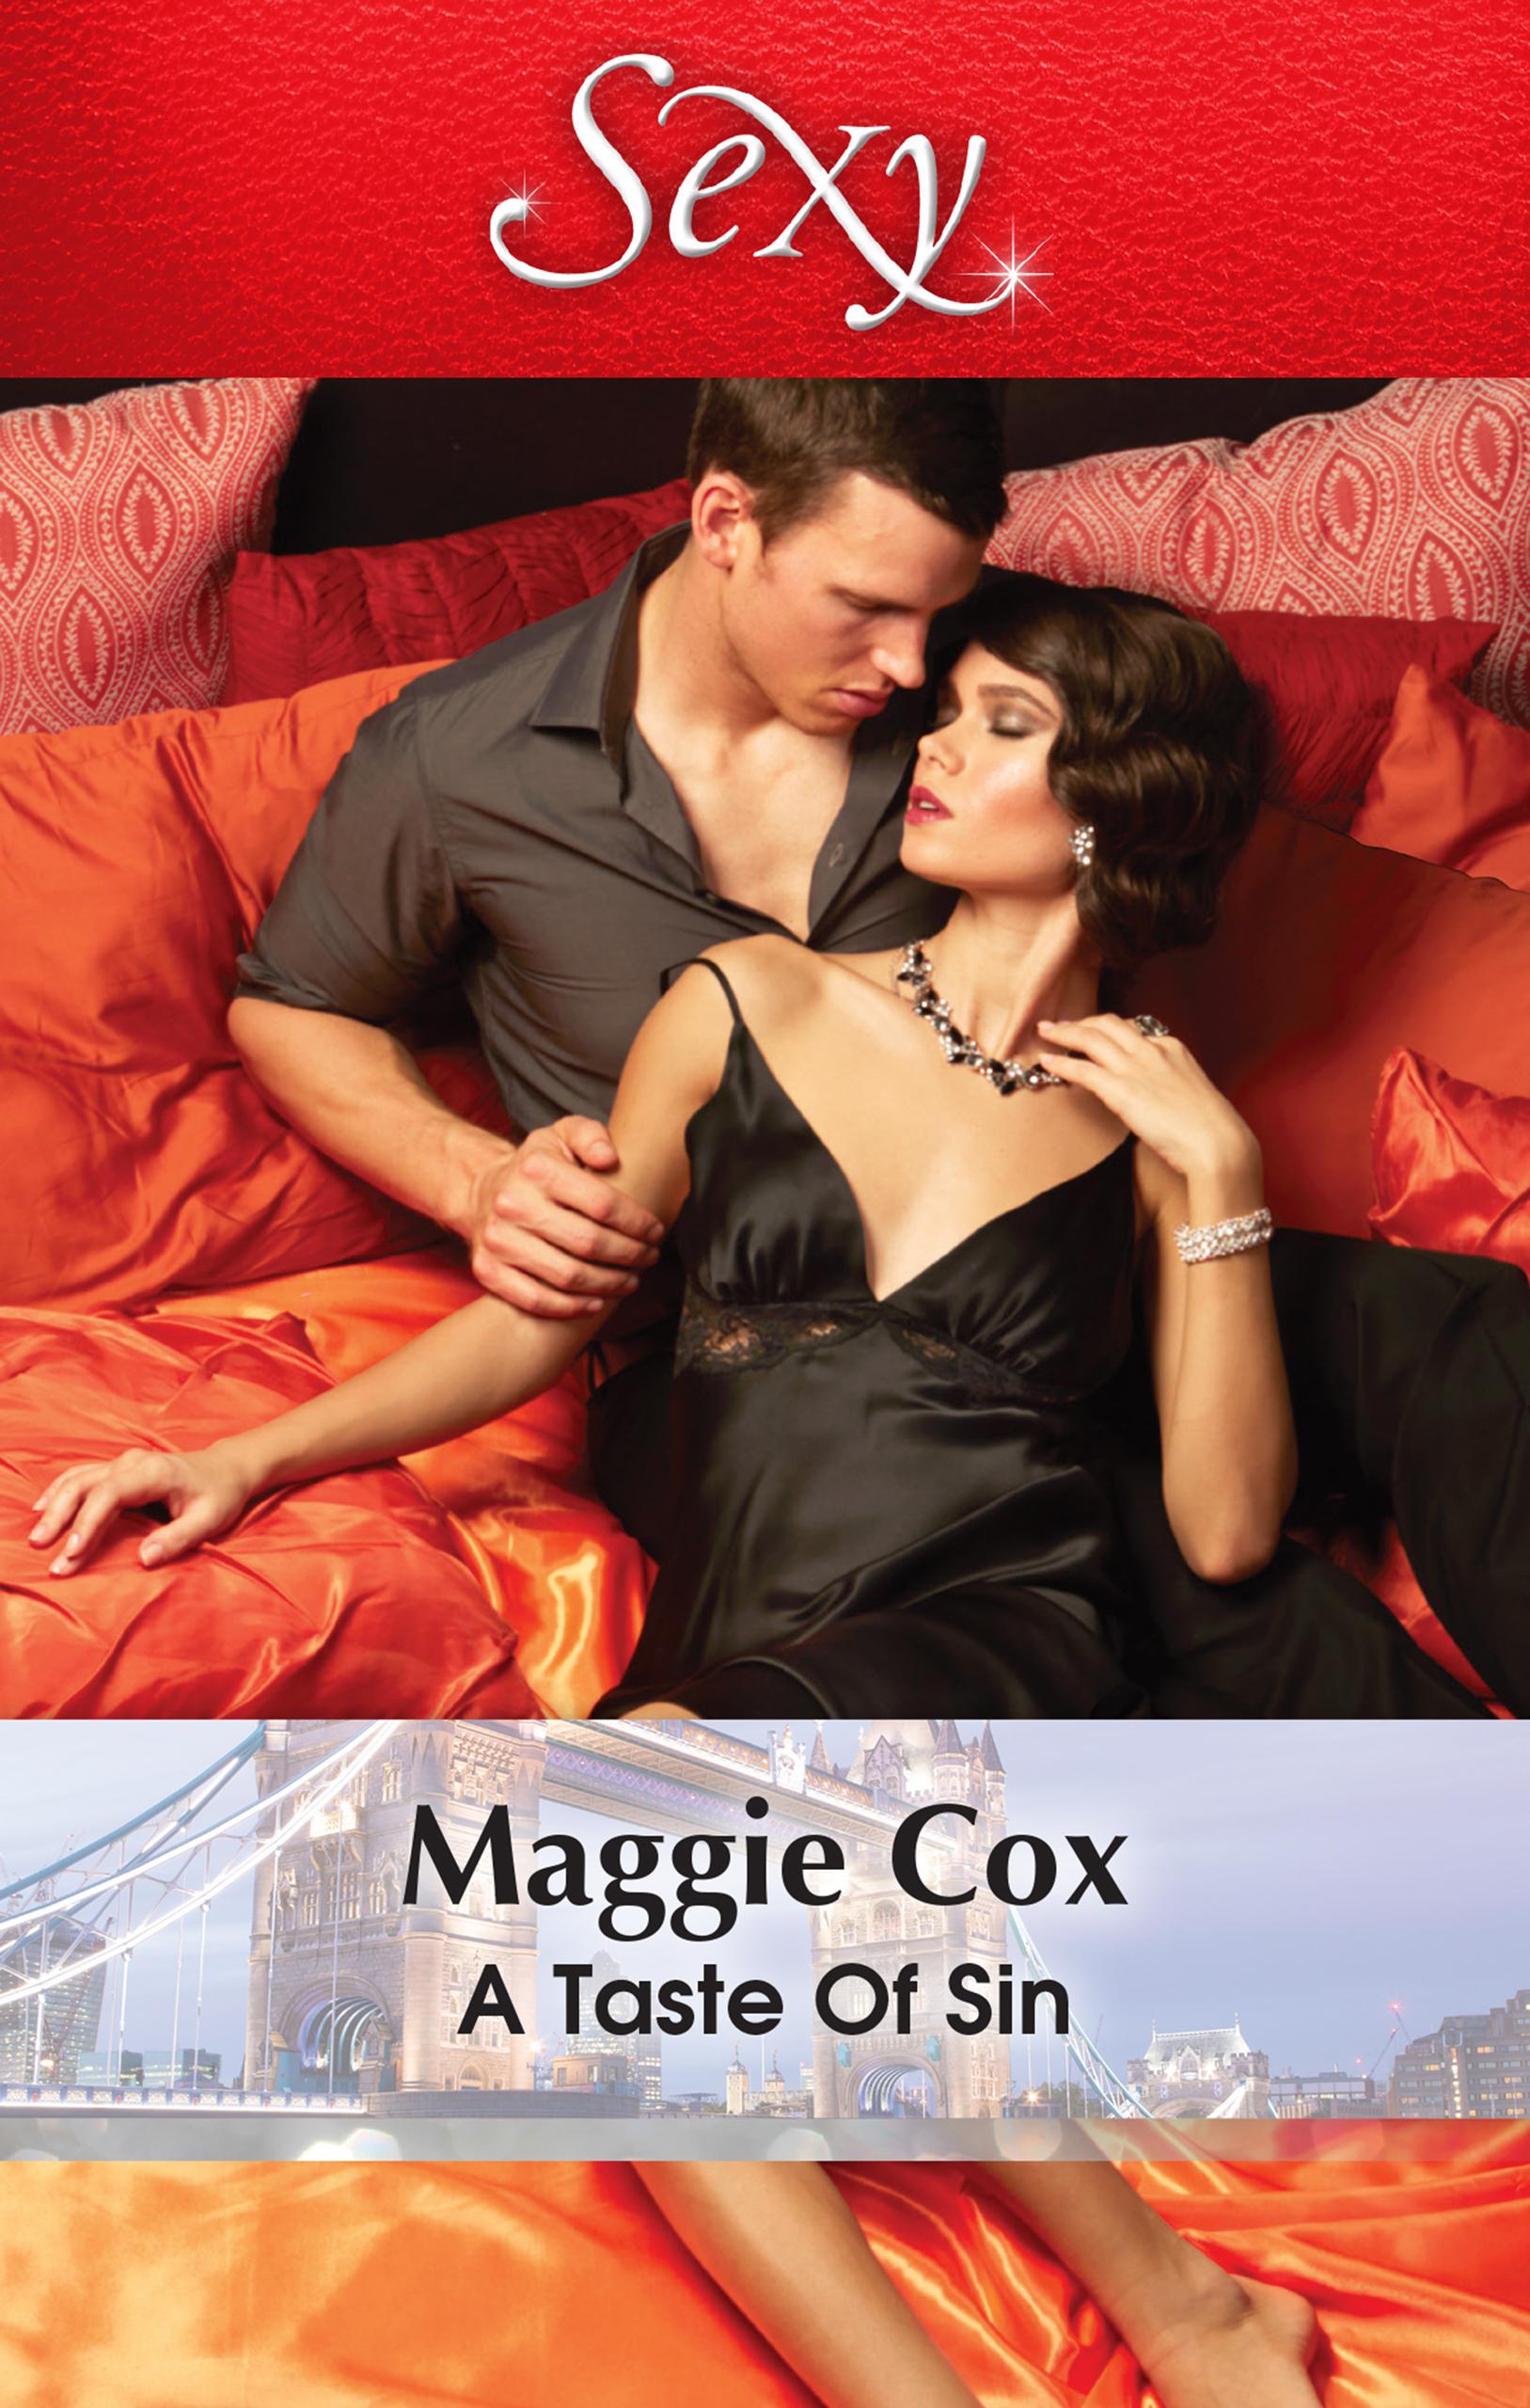 A Taste Of Sin Maggie Cox